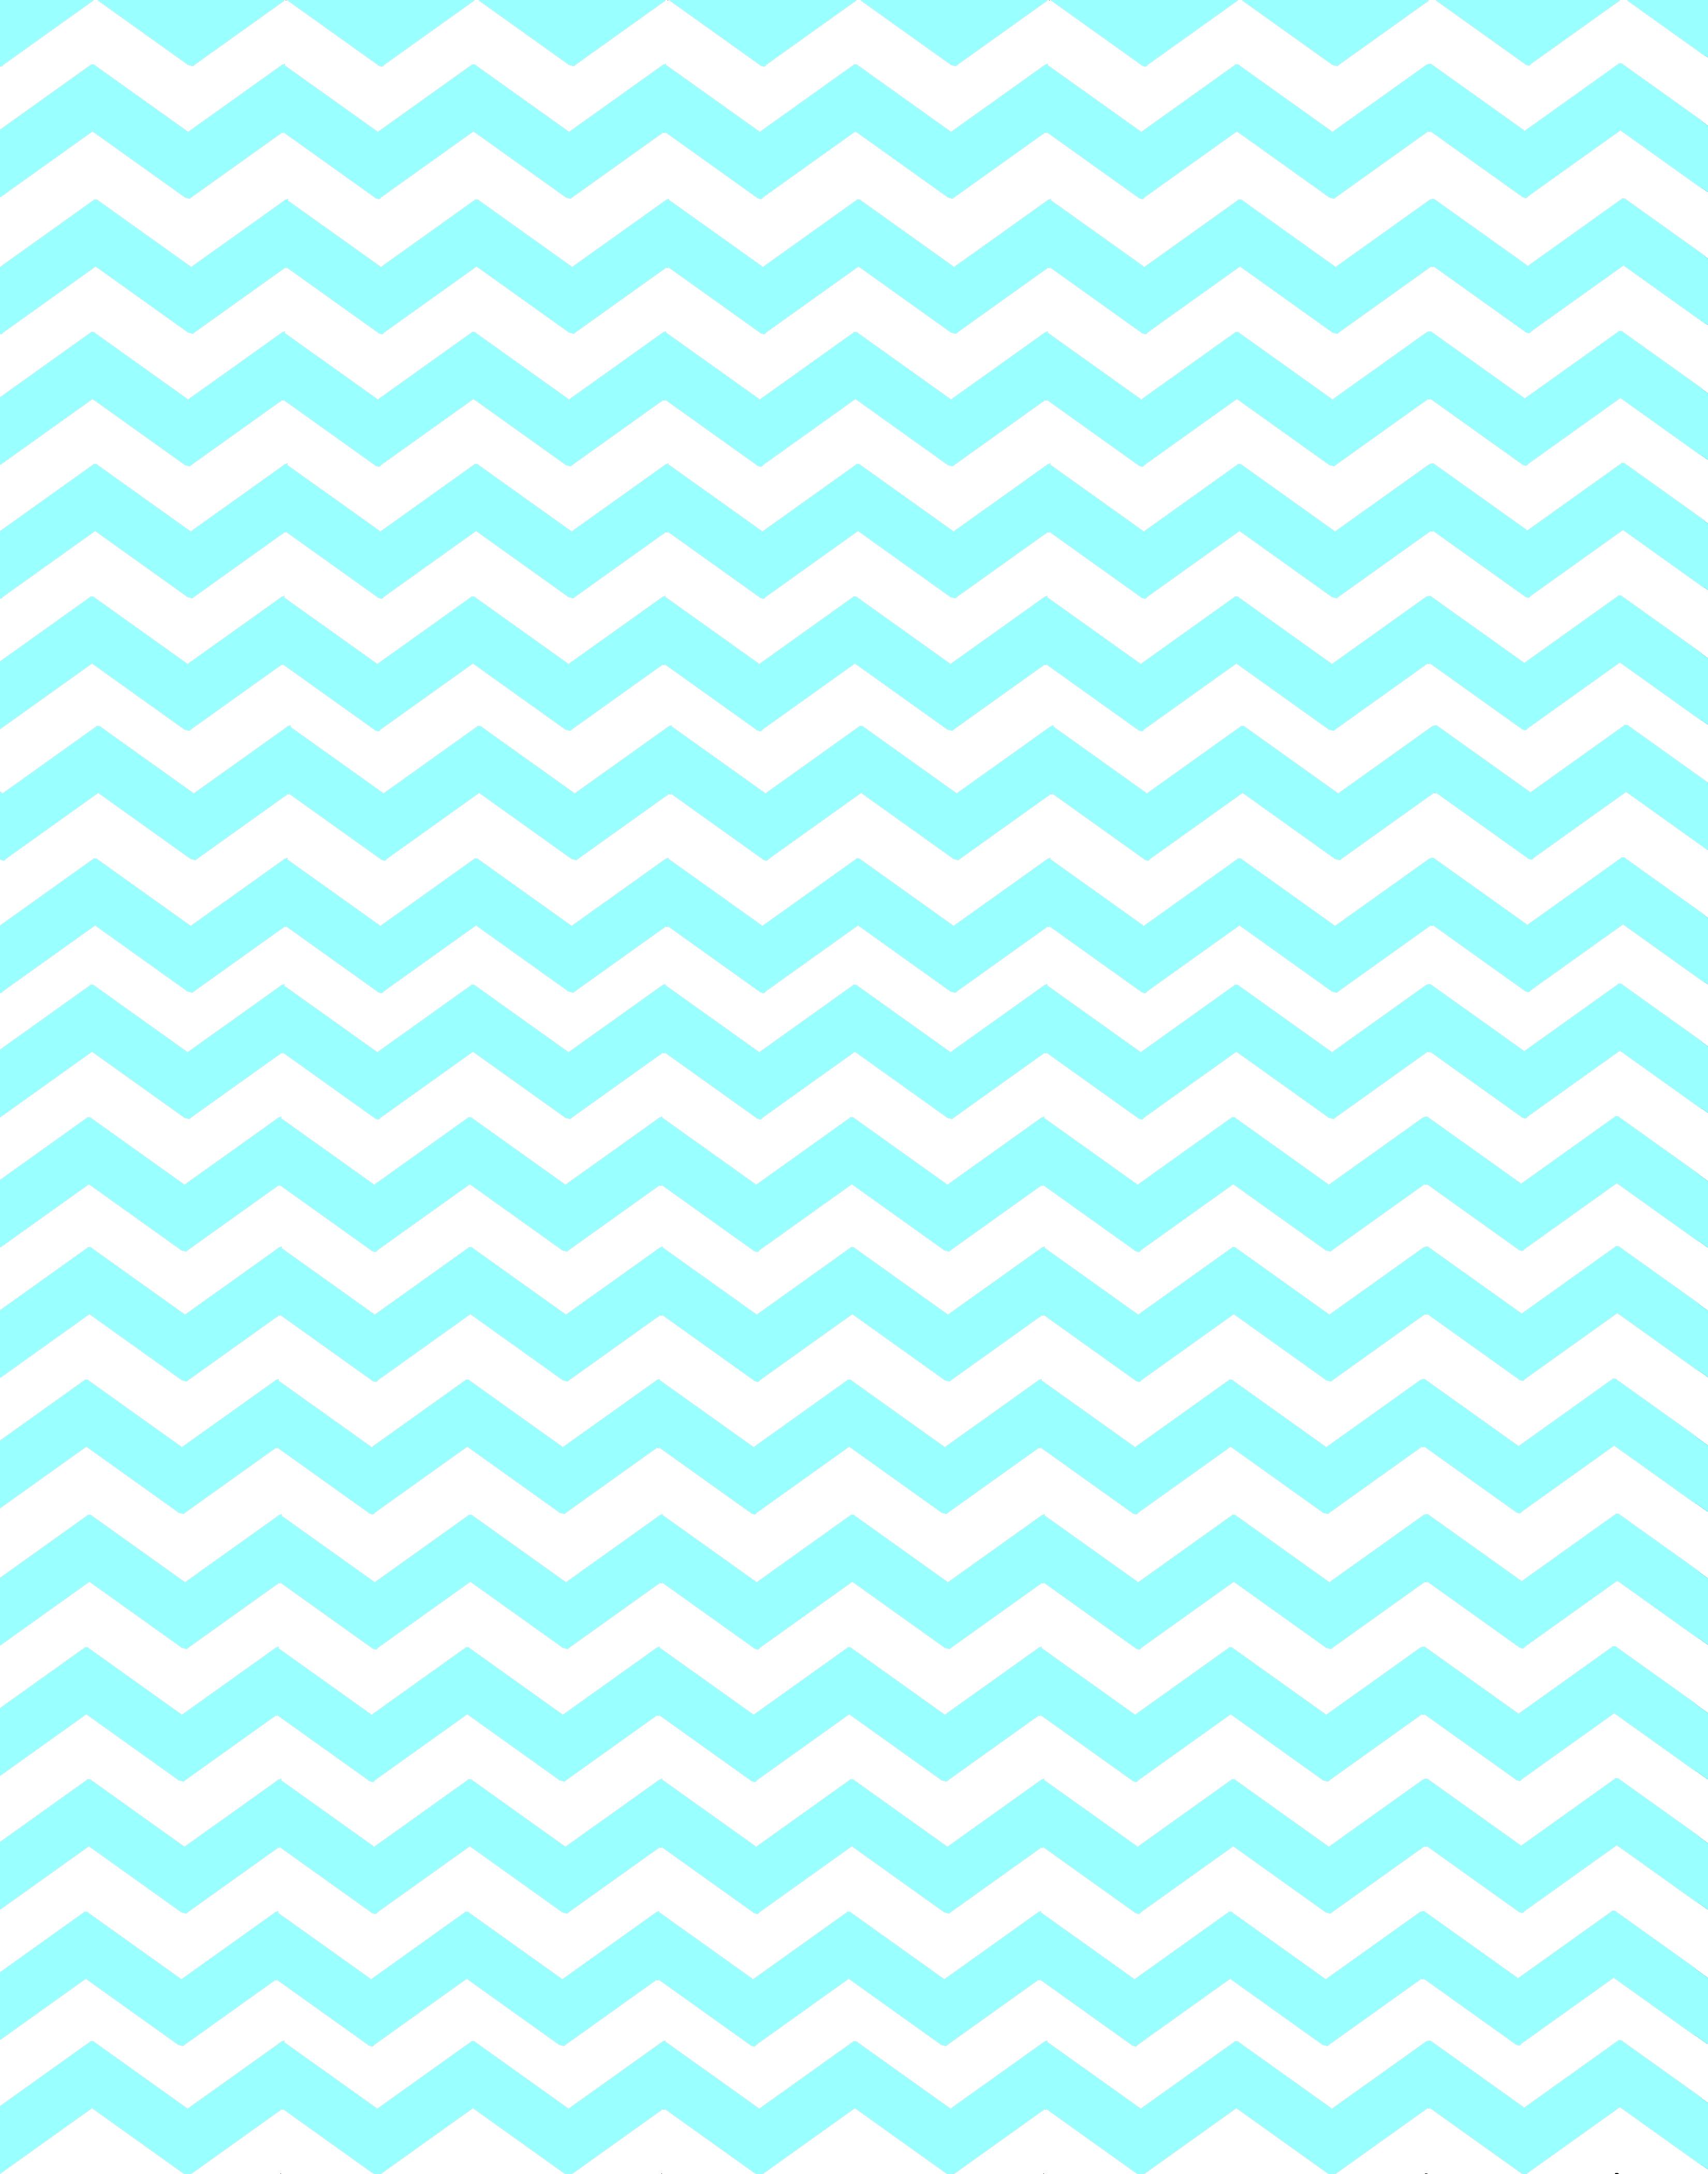 Chevron Wallpaper Teal - WallpaperSafari